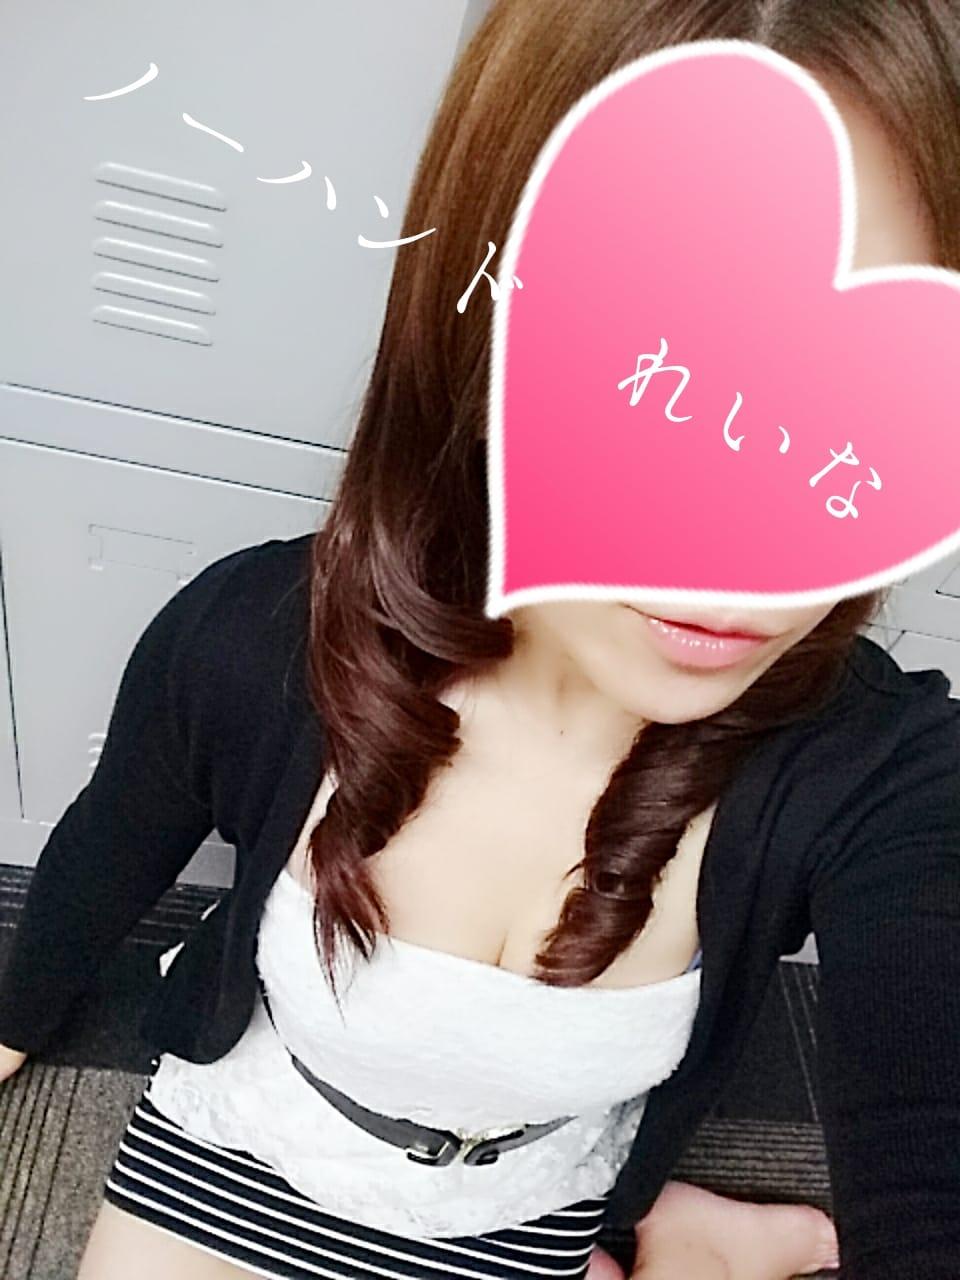 「すみませんm(_ _)m」01/25(木) 17:17 | れいなの写メ・風俗動画